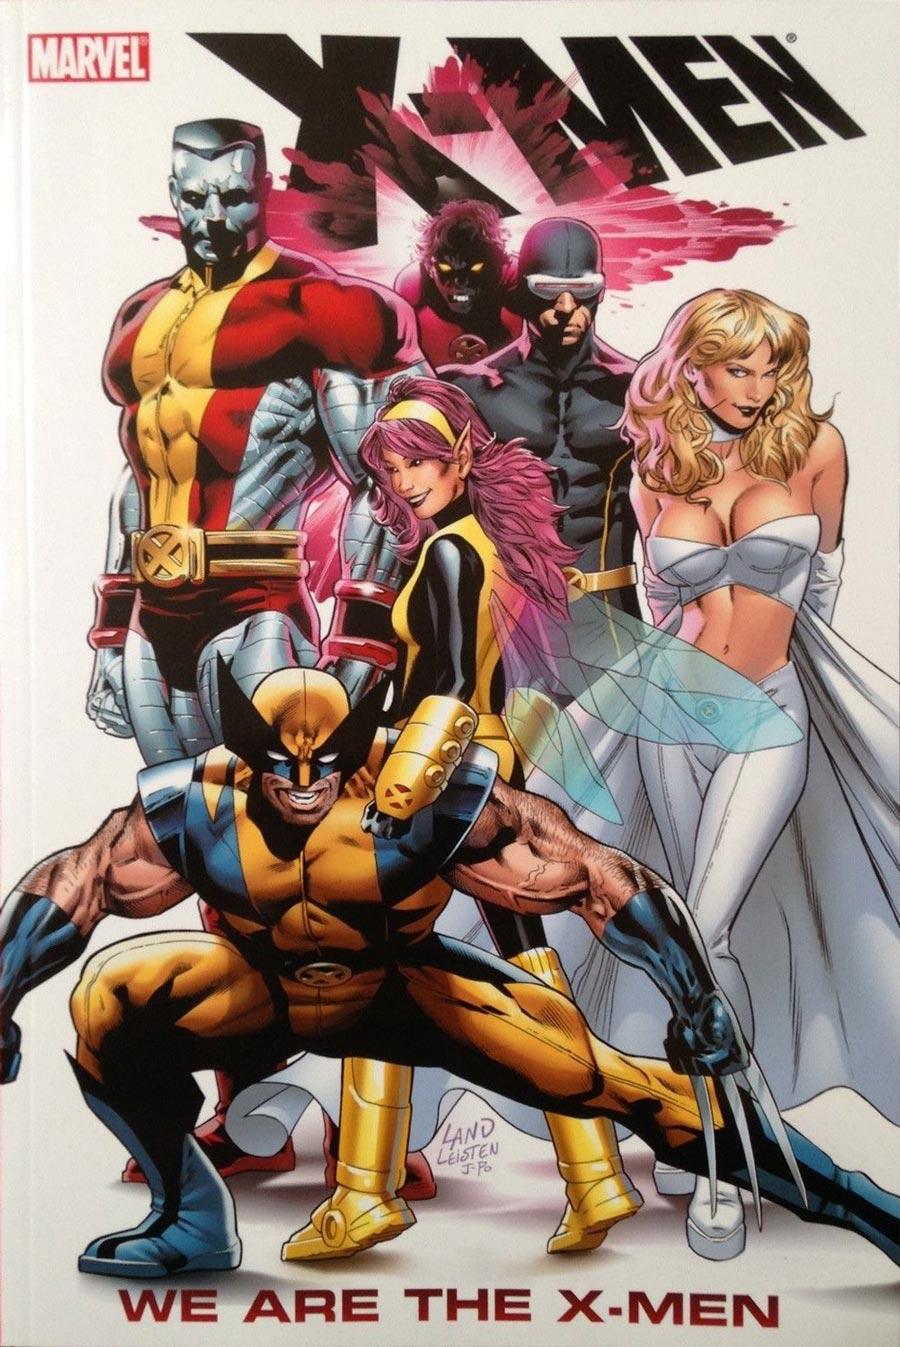 X-men - We are the X-men 1